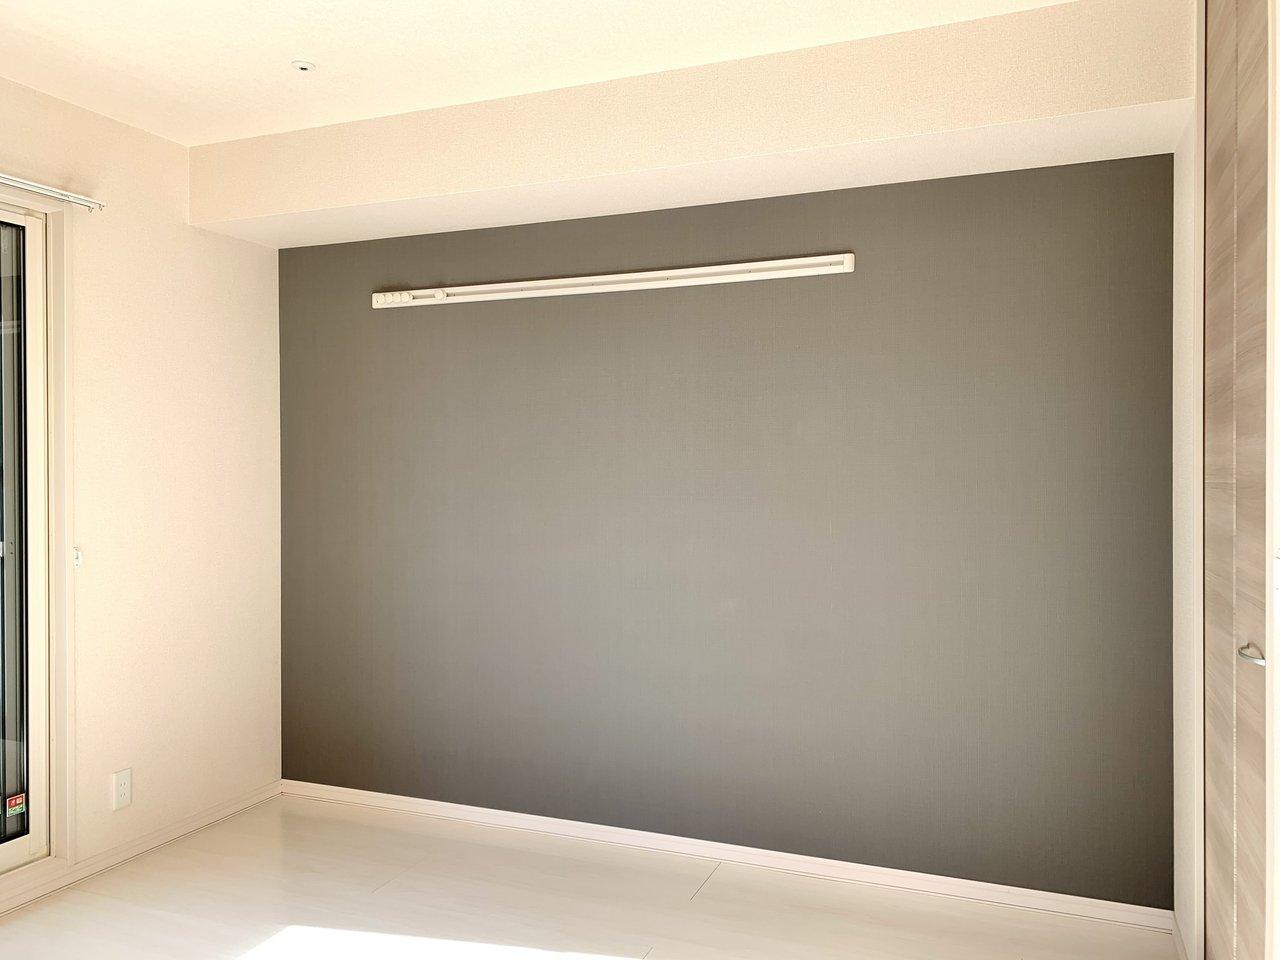 濃いグレーの壁紙が特徴的。ピクチャーレールもついているので、ポストカードや帽子を飾るなど、アレンジを加えてみてください。